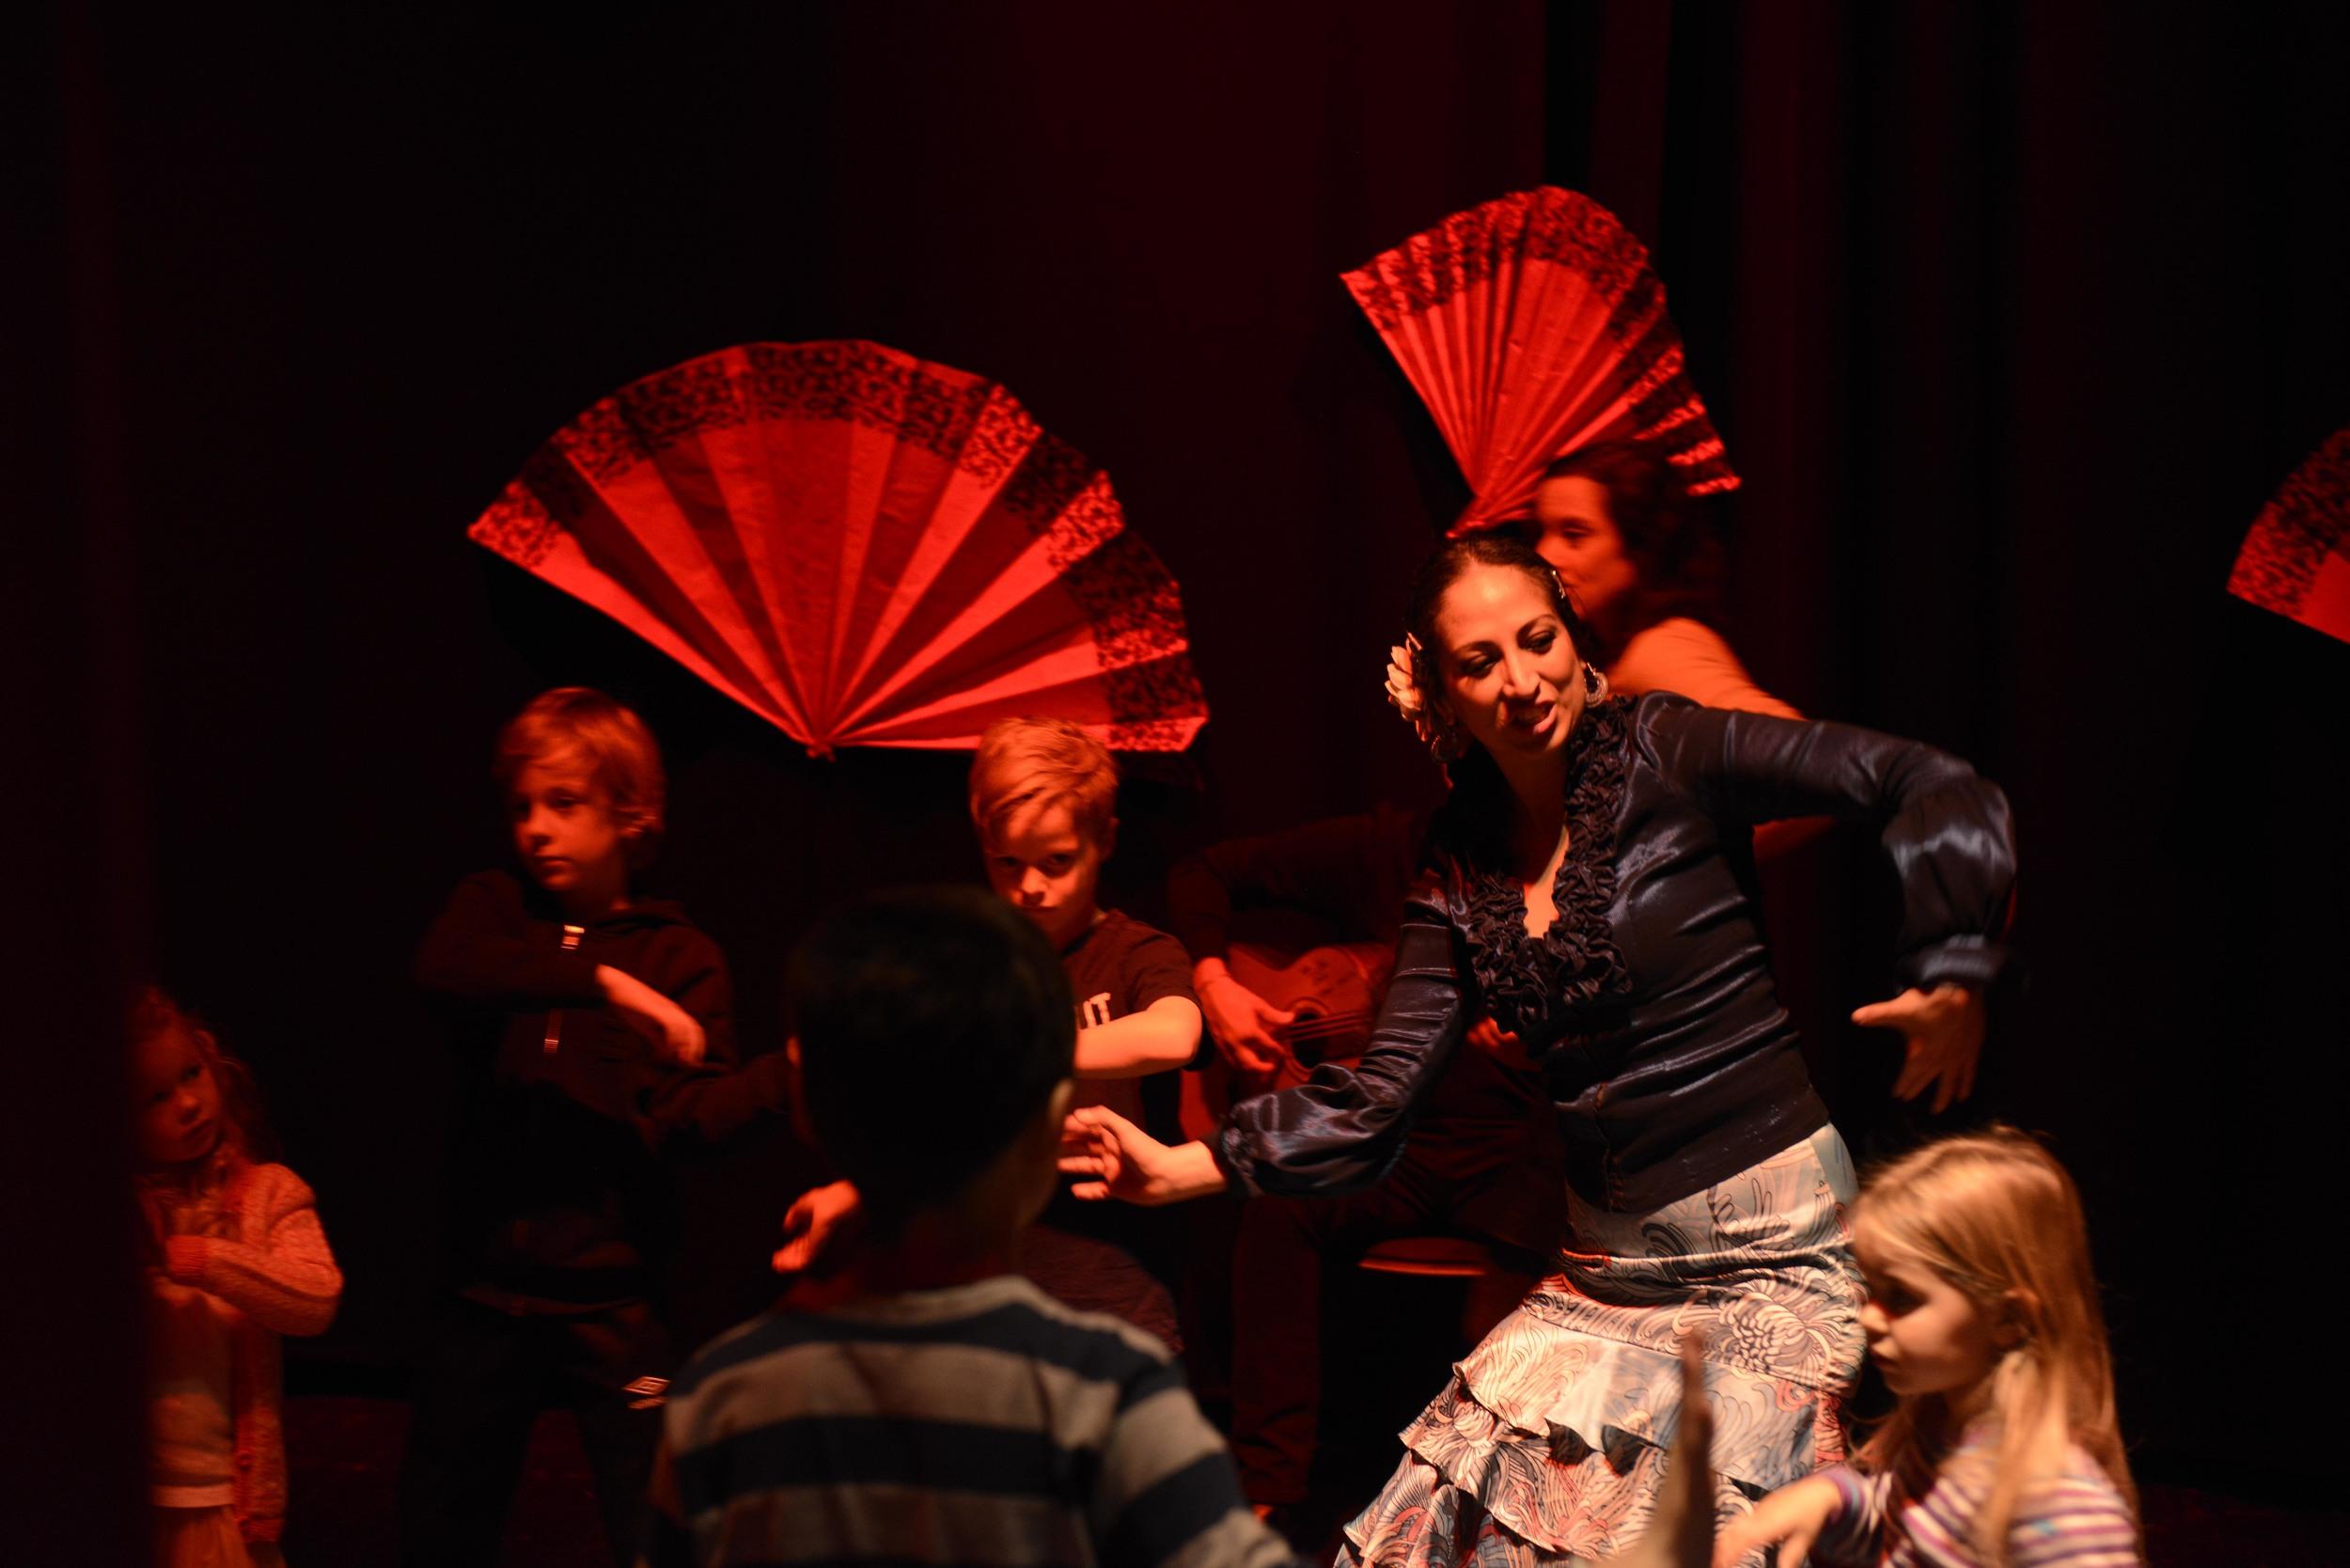 Flamenco_ARU0398 (1).JPG